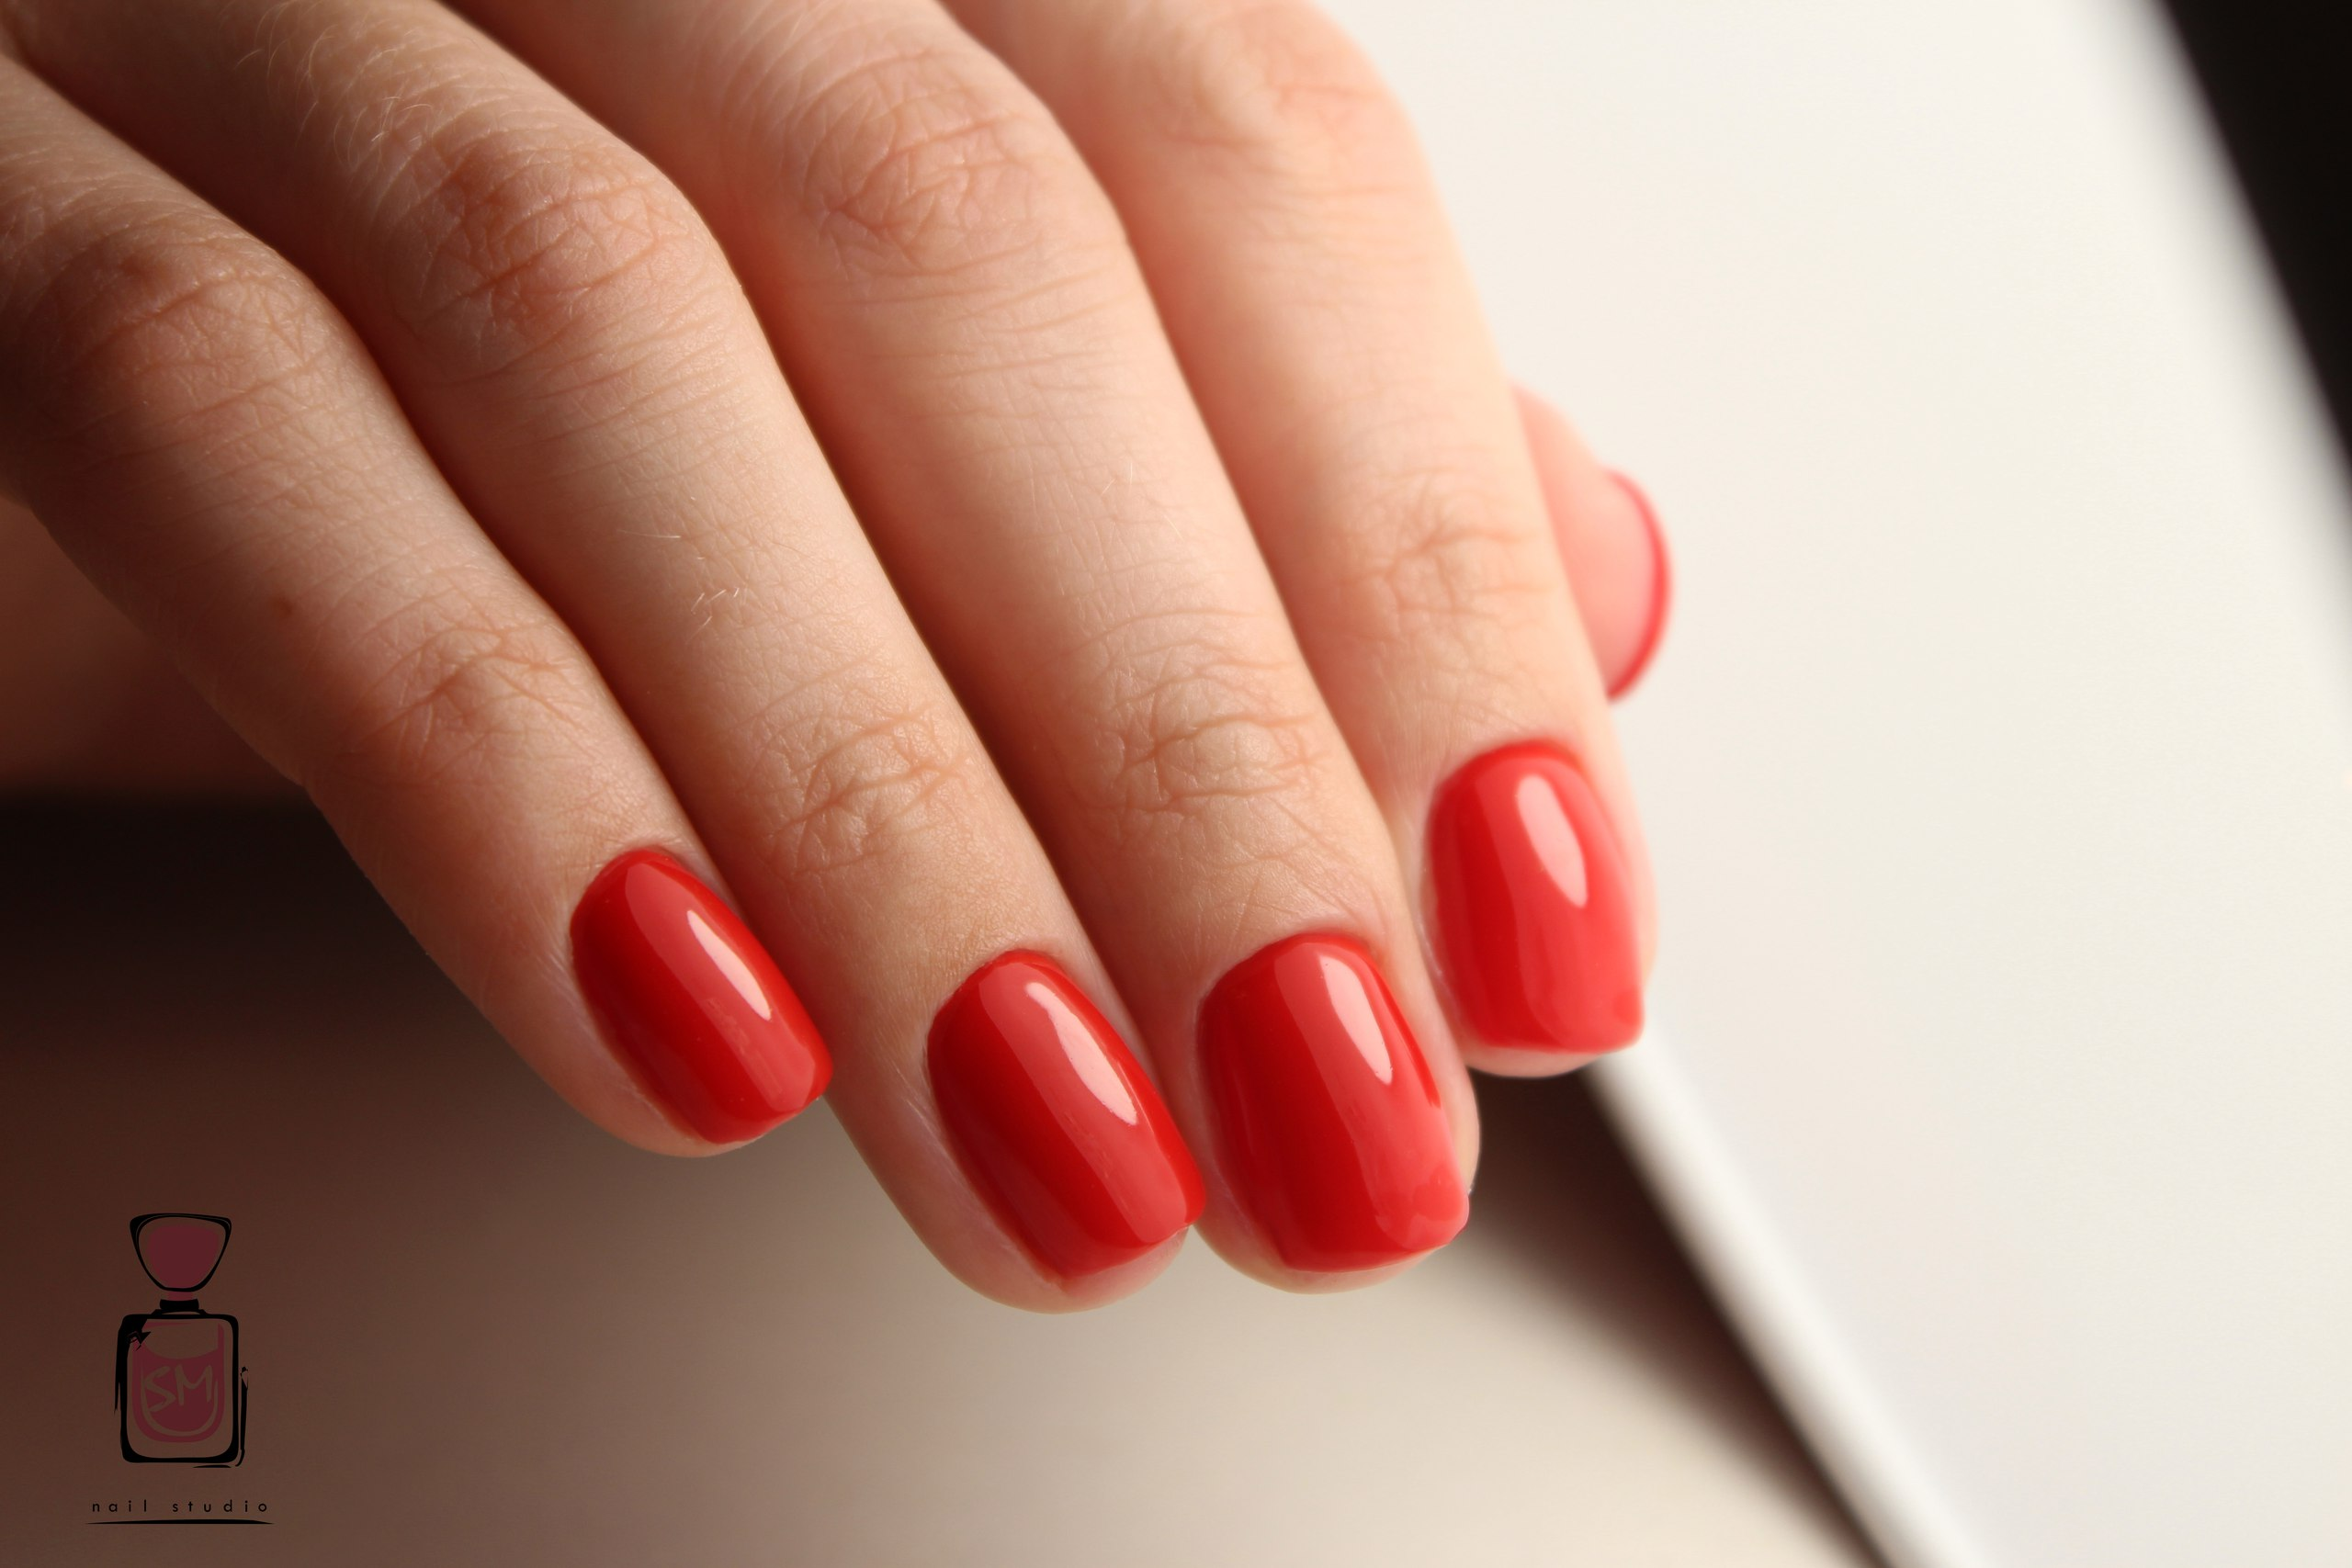 Маникюр однотонный на короткие ногти фото дизайн 2017